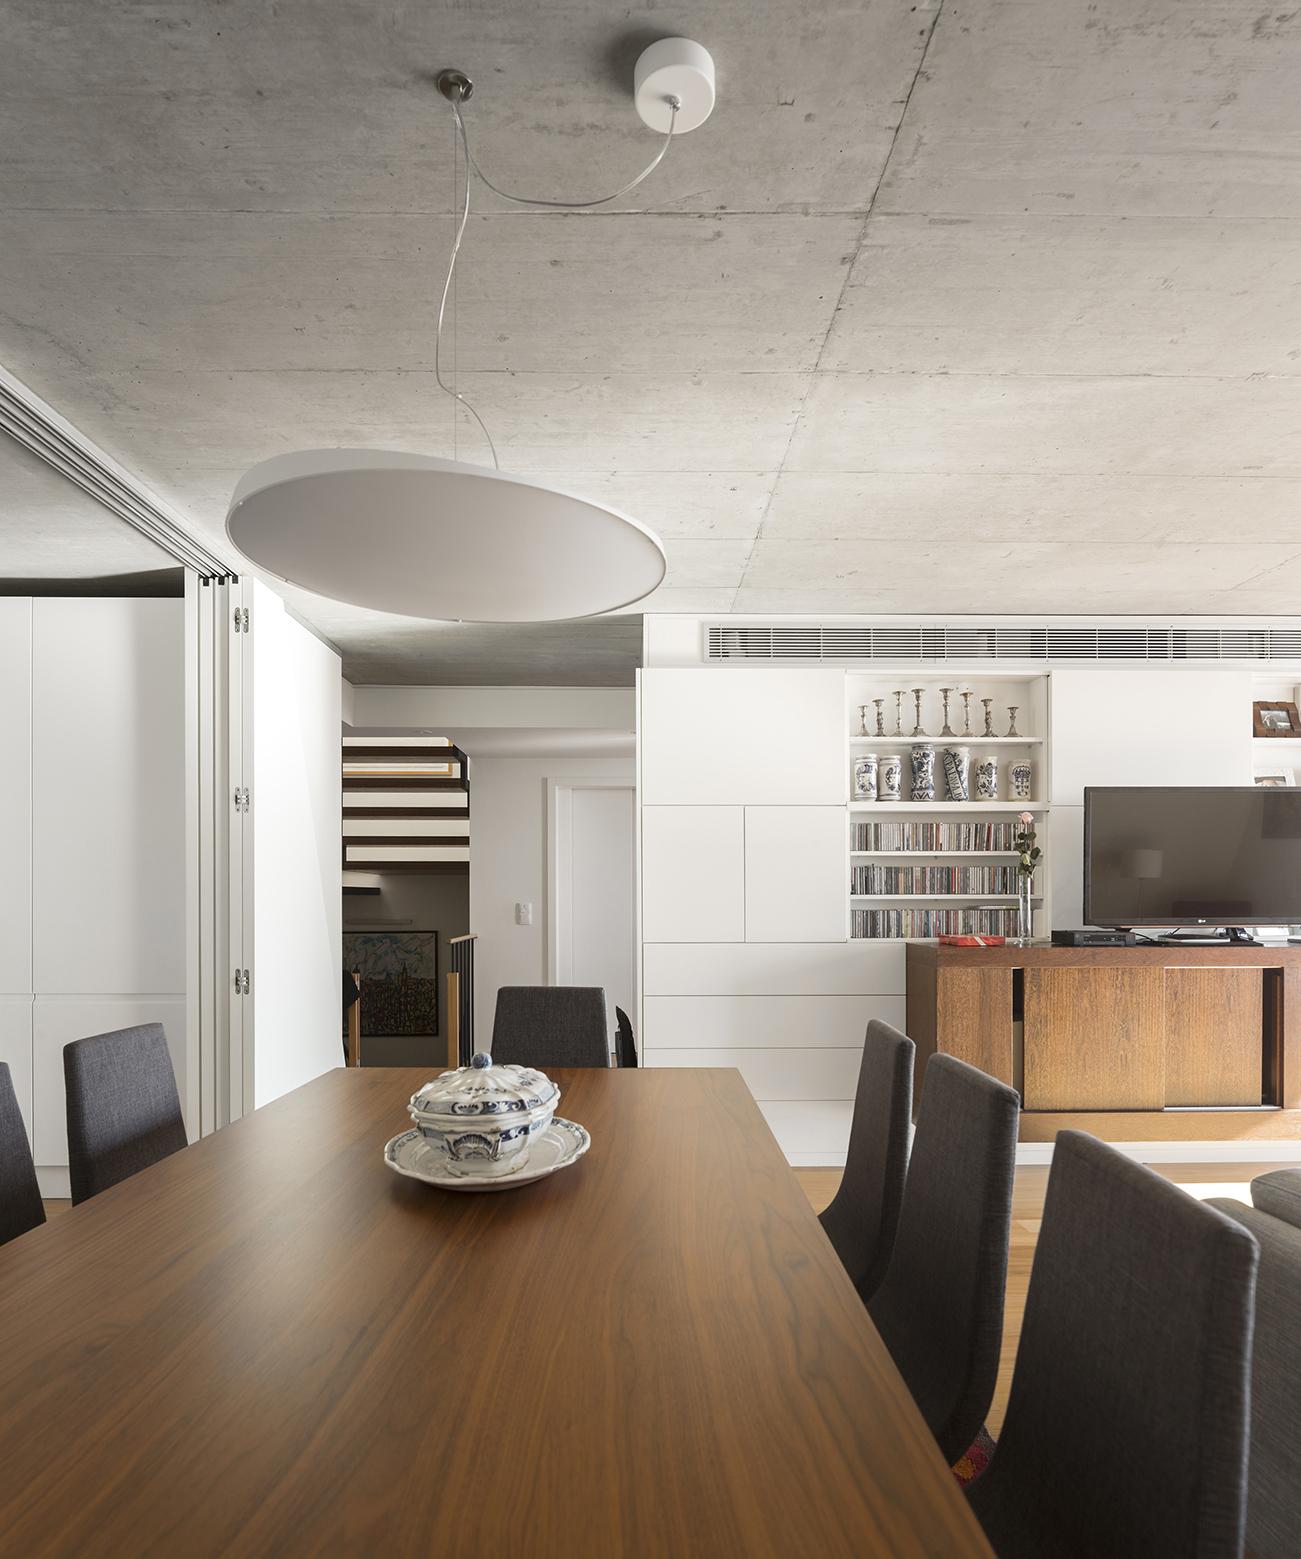 Galeria de casas no dafundo rvdm arquitectos 10 for Arquitectos para casas